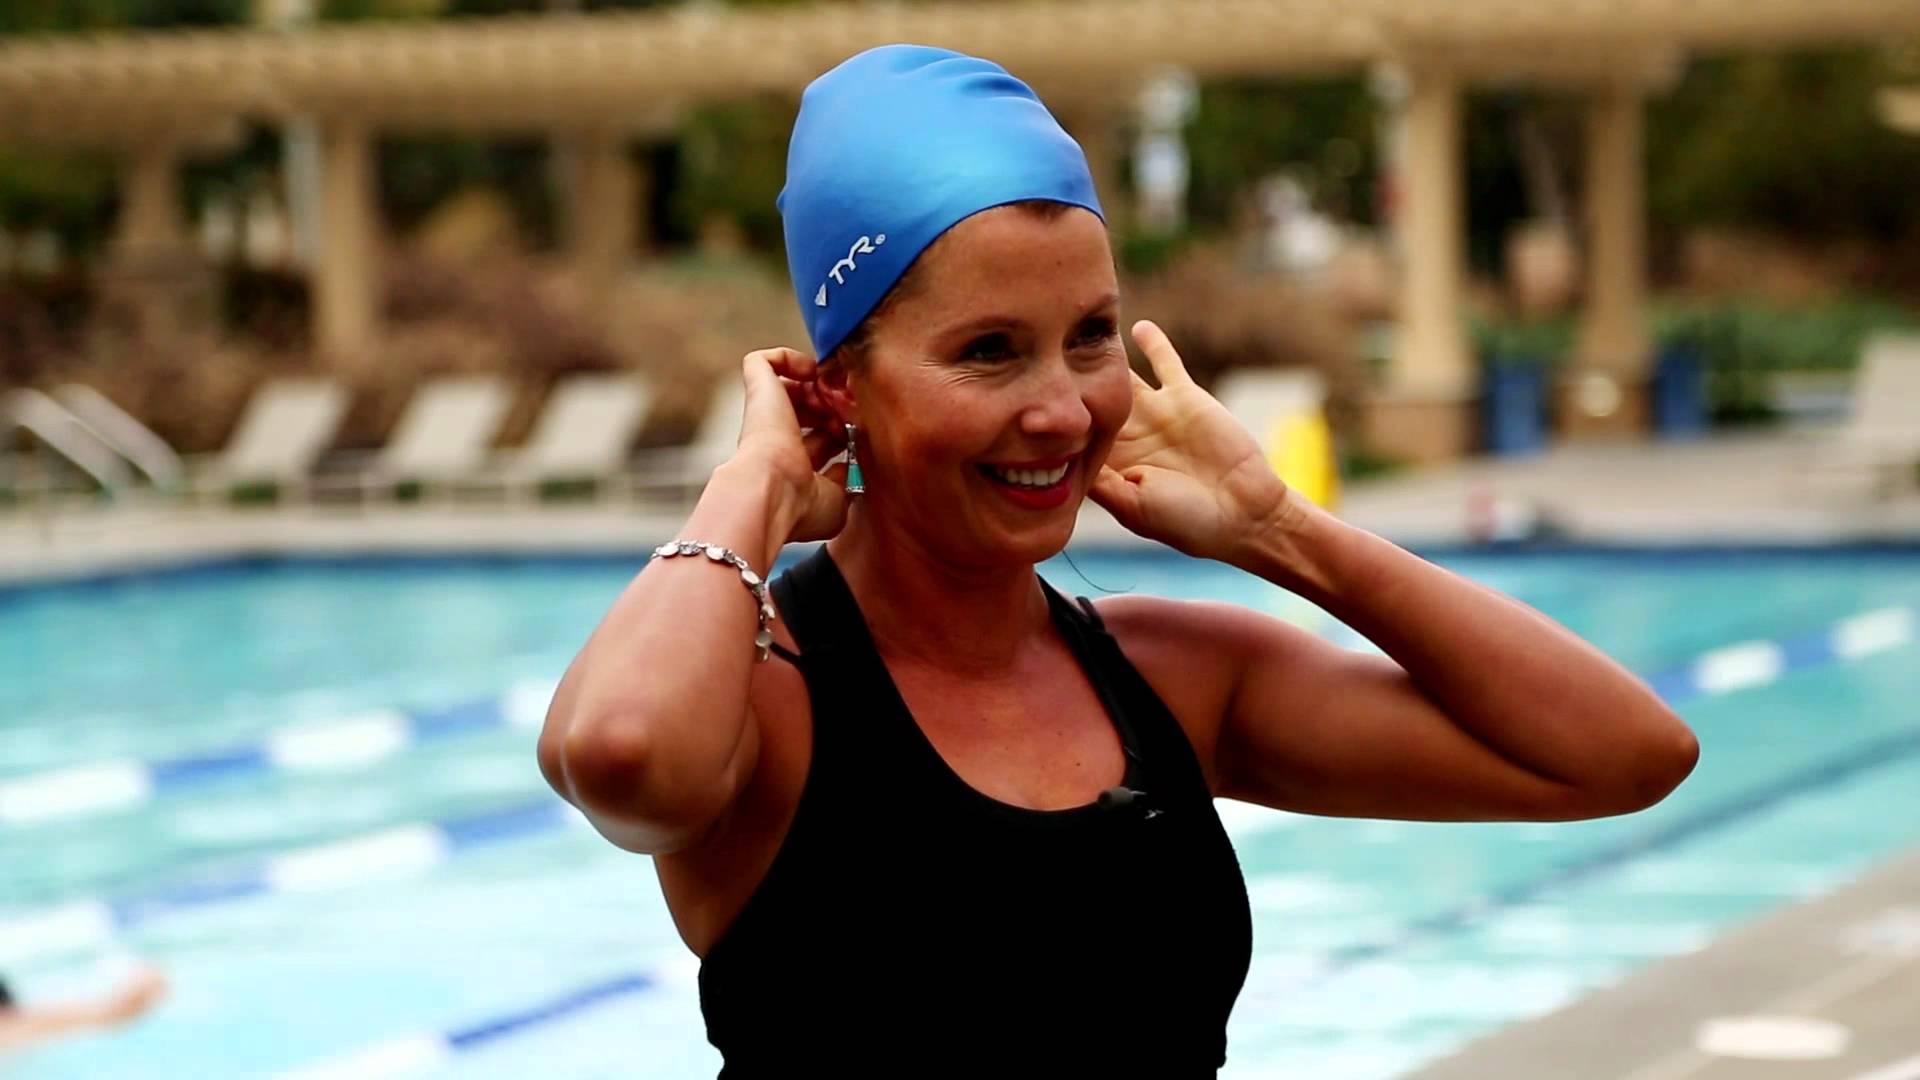 6 نصائح لحماية الشعر المصبوغ أثناء السباحة